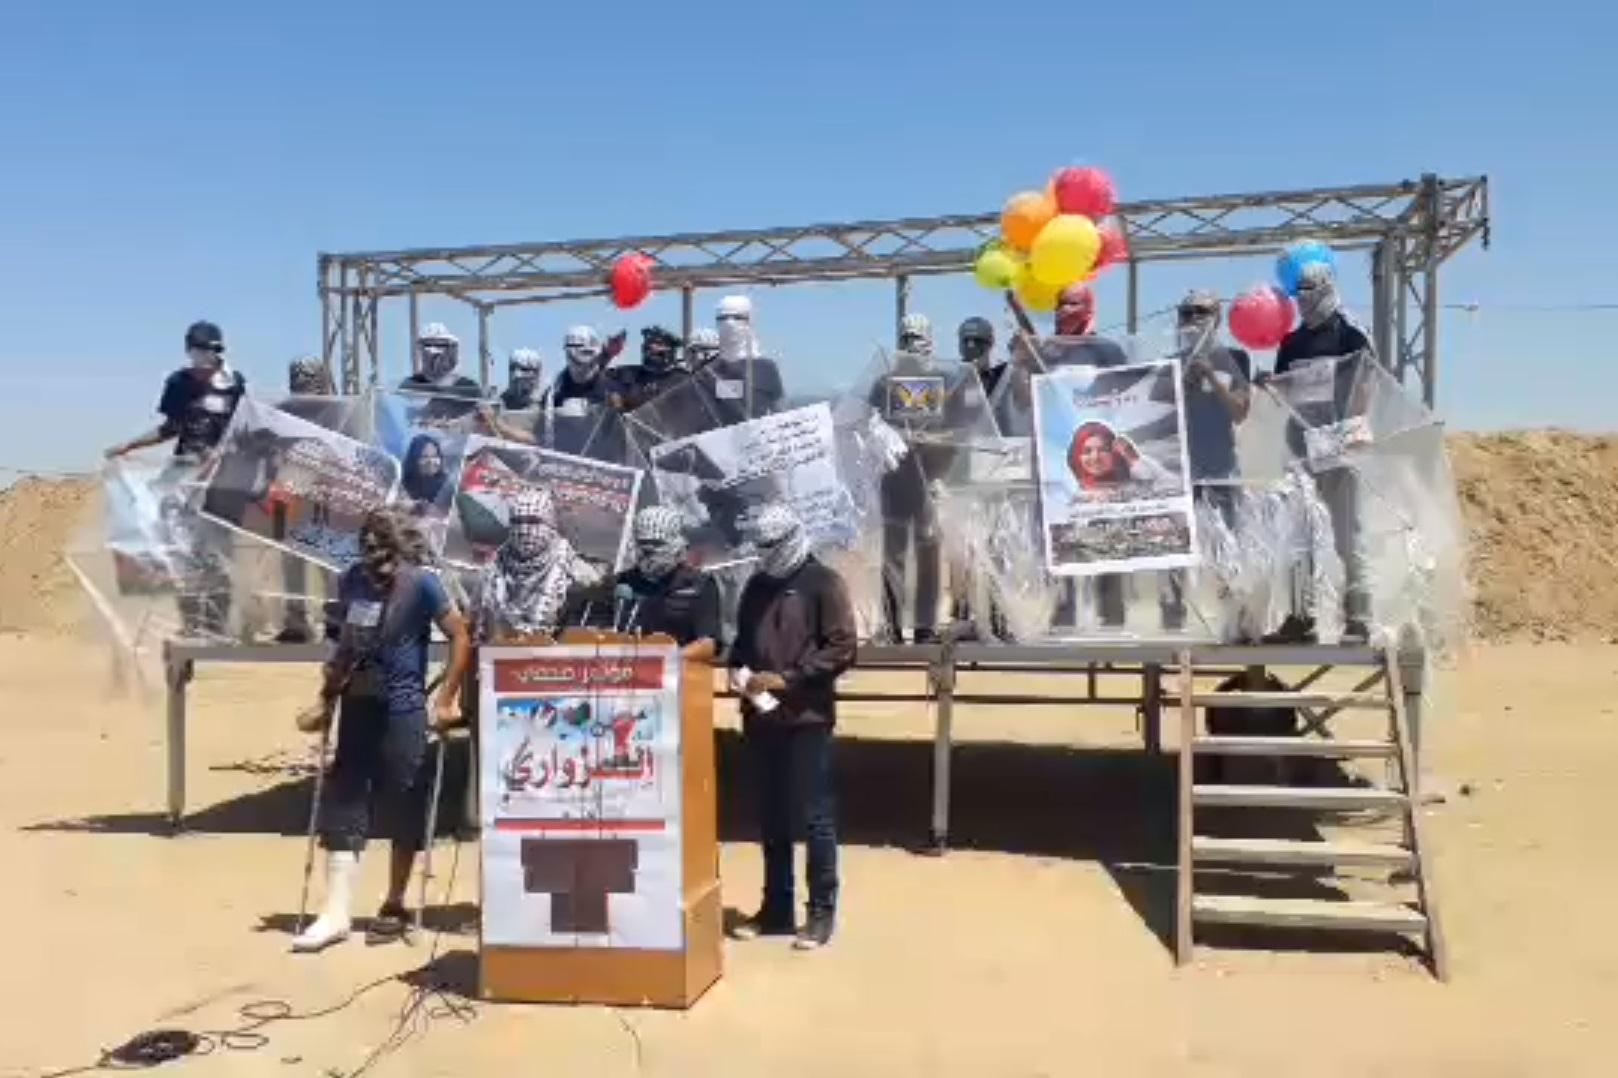 """מחבלי חמאס מבטיחים בלי חשש: """"5,000 עפיפוני תבערה יופרחו מחר לעבר ישראל"""""""